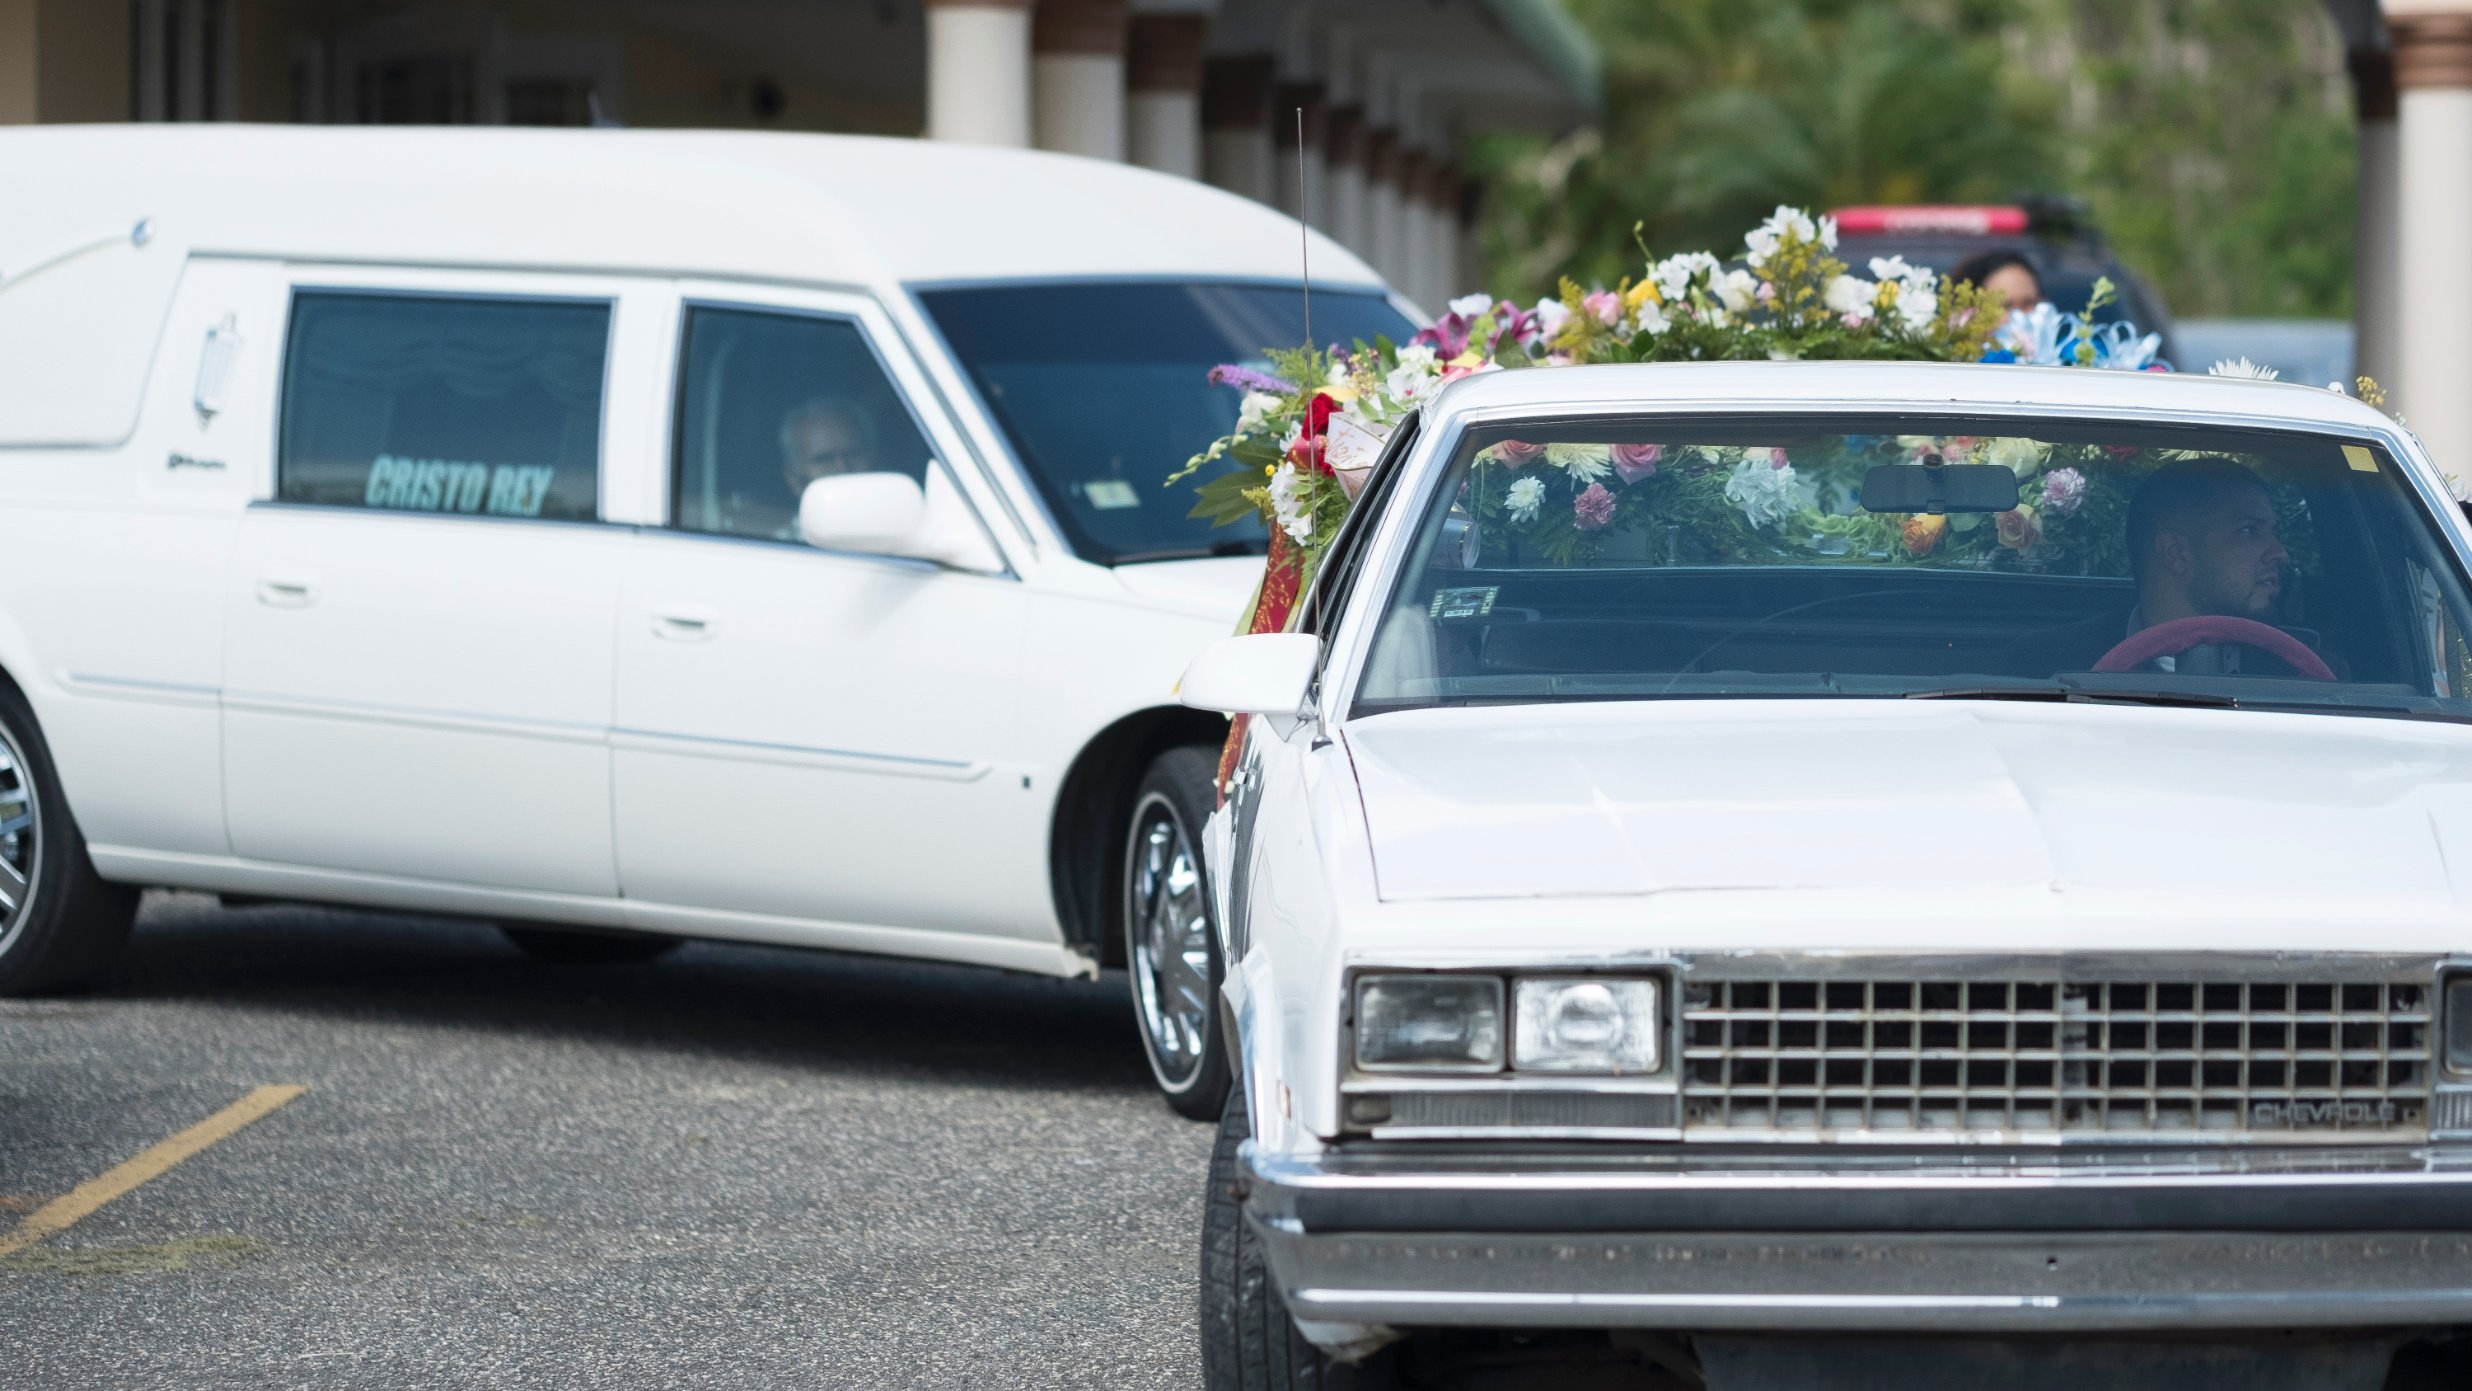 La funeraria Cristo Rey, que se encargó del cuerpo de Rivera, dice que ha visto 39 muertes en el mes transcurrido desde el huracán.